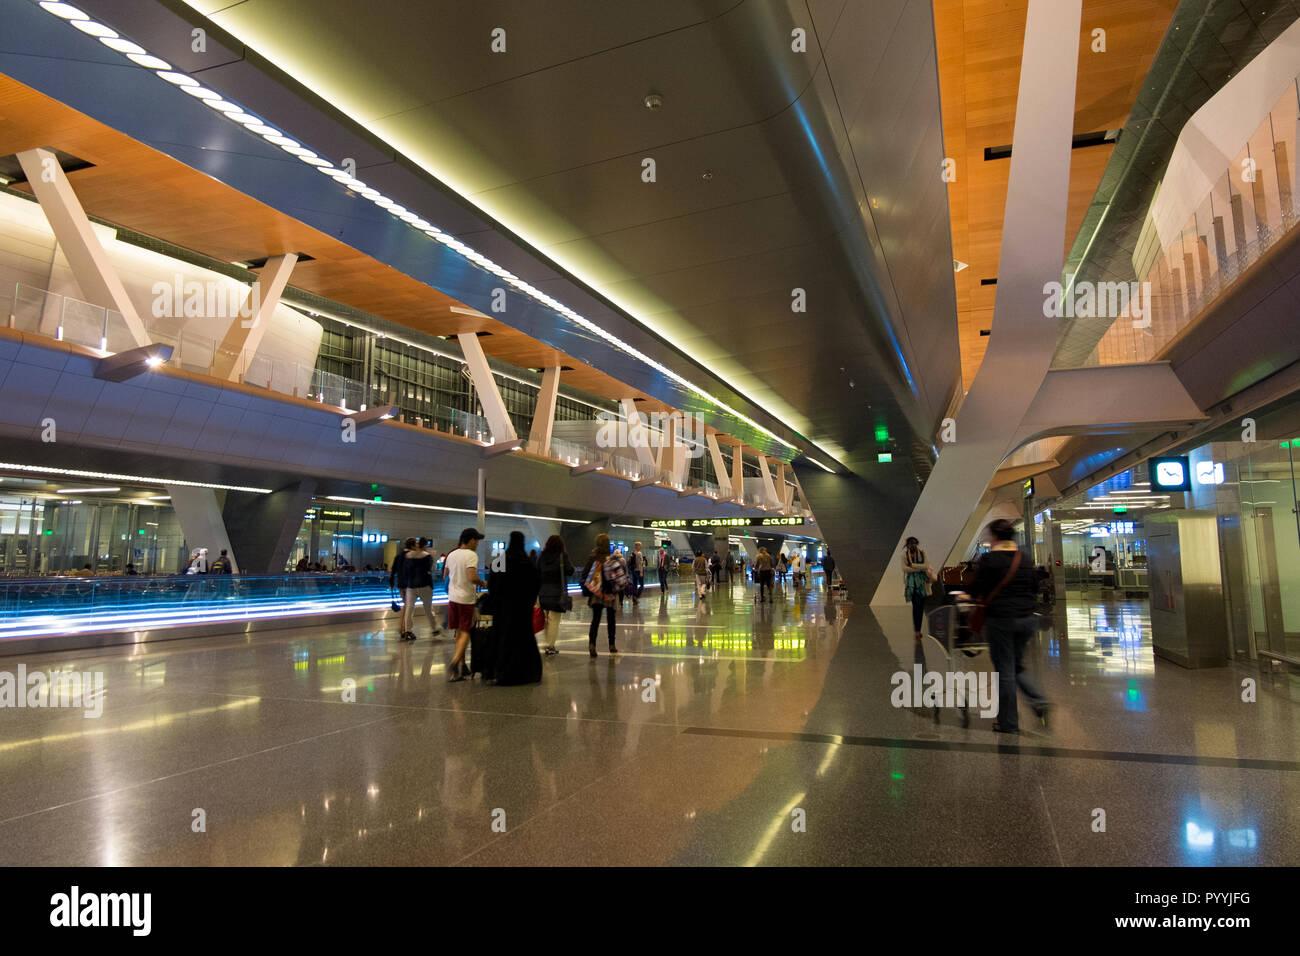 L'un des halls de l'Aéroport International Hamad à Doha, Qatar Banque D'Images